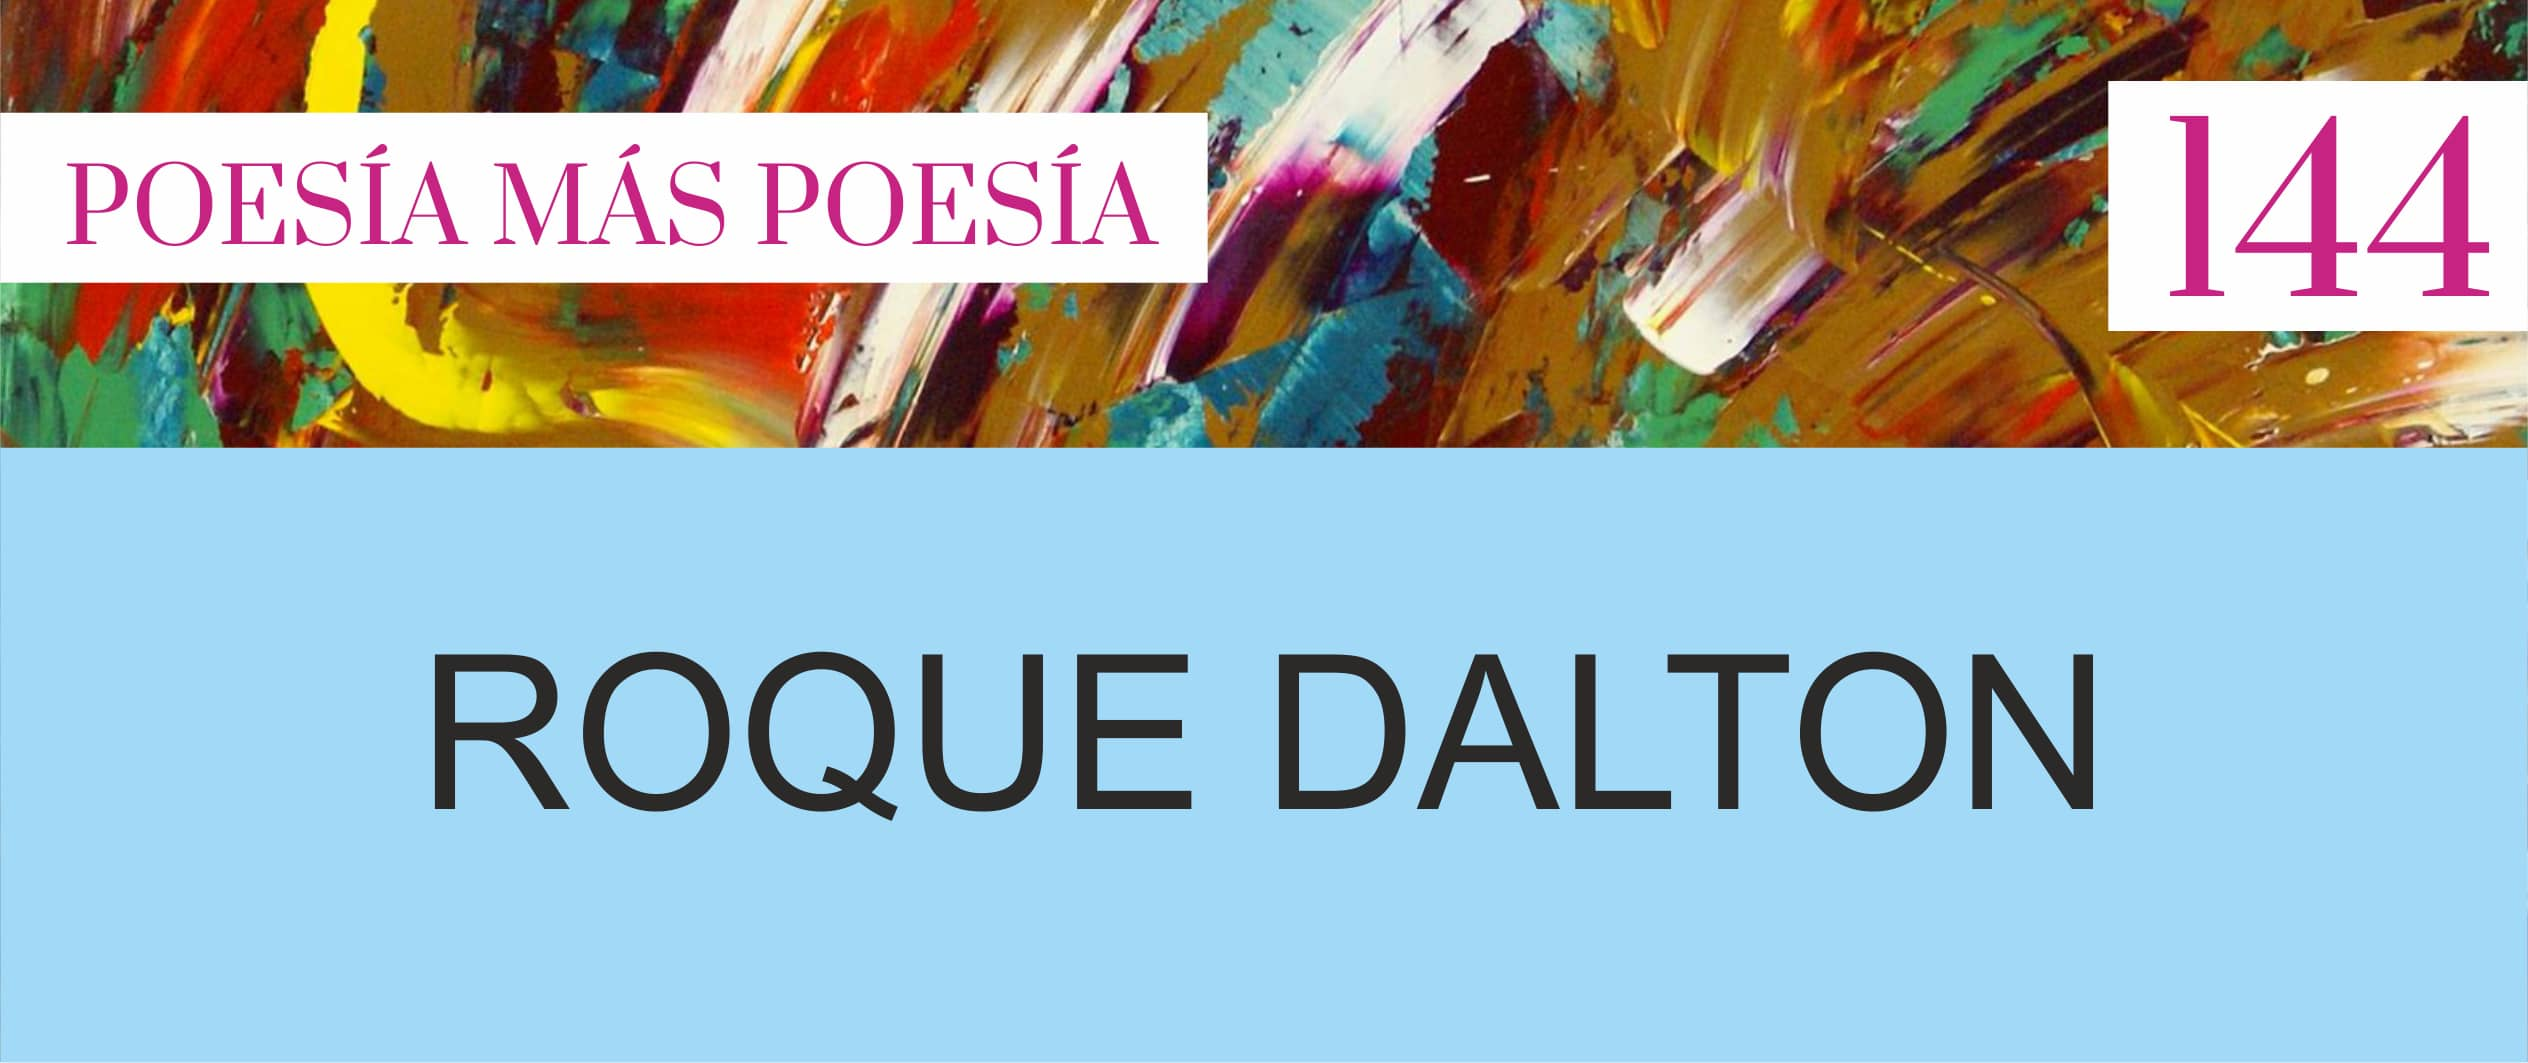 144. Poesía más Poesía: Roque Dalton